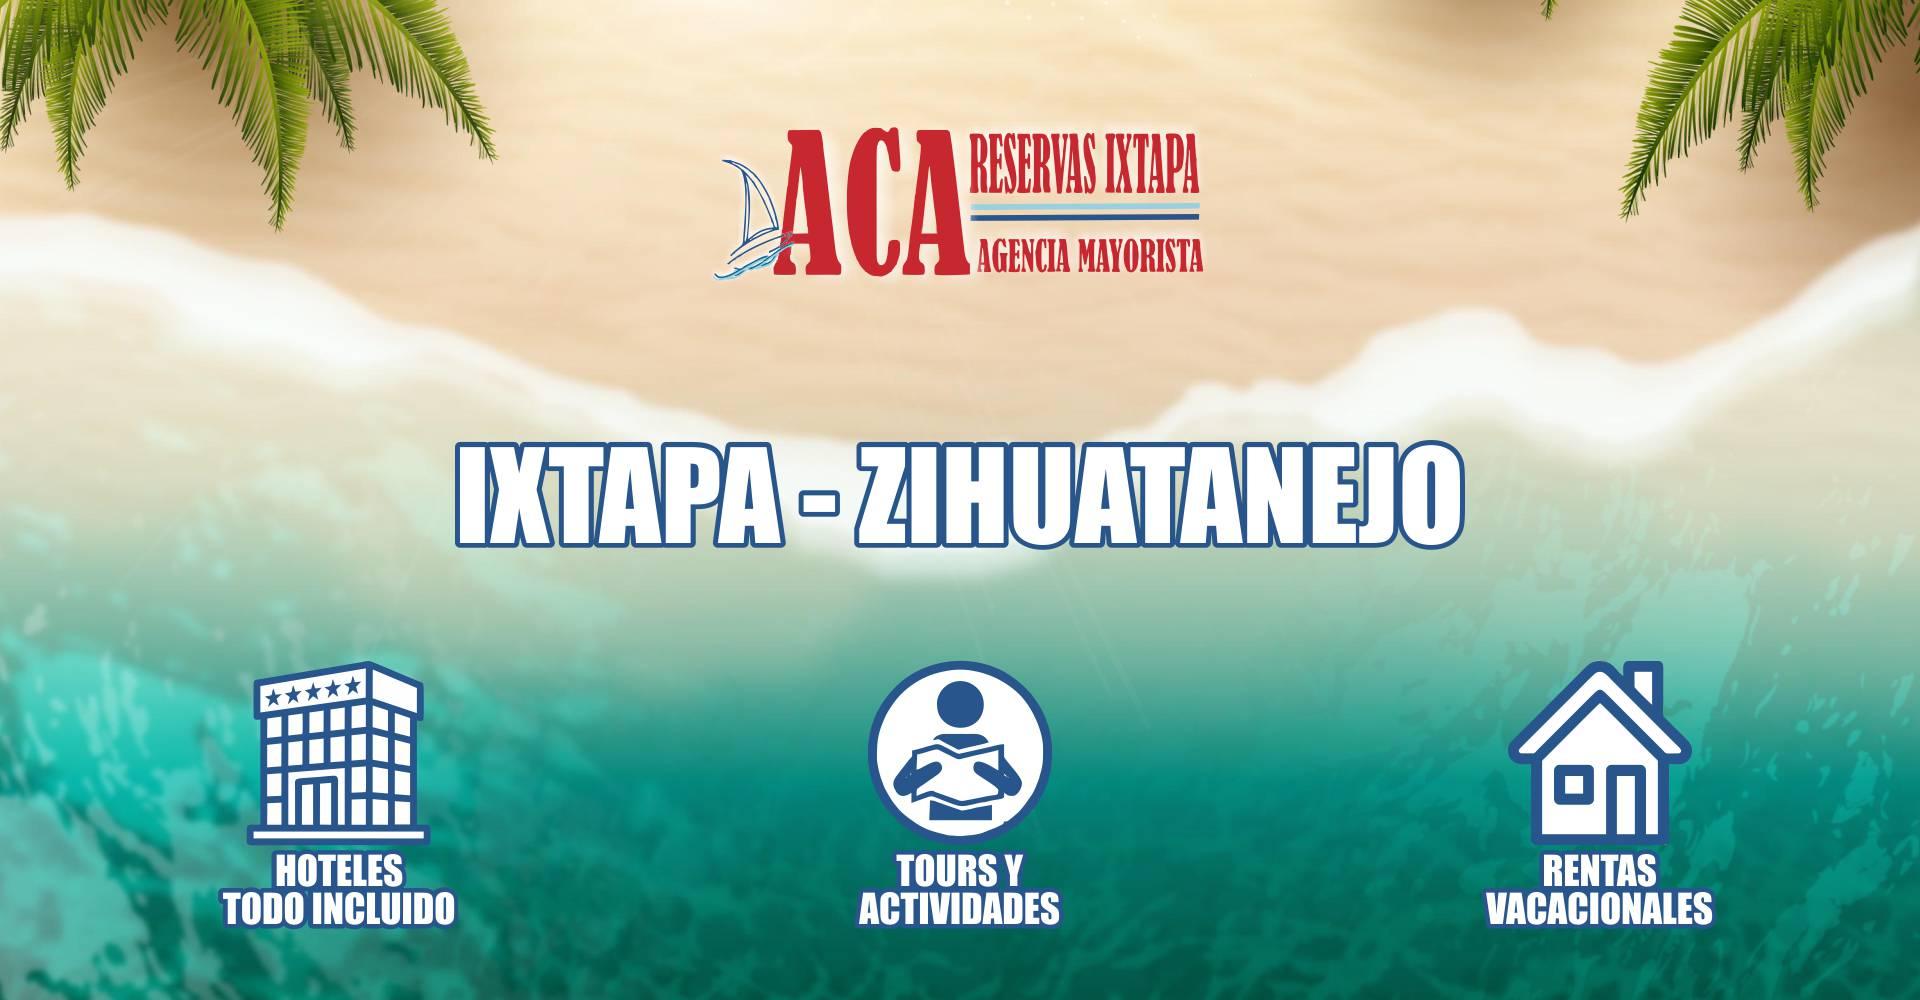 Aca Reservas Ixtapa - Agencia de Viajes Mayorista en Ixtapa Zihuatanejo, Guerrero. Paquetes Todo Incluido Ixtapa Zihuatanejo. Hoteles Todo Incluido Ixtapa Zihuatanejo. Rentas Vacacionales en Ixtapa Zihuatanejo. Tours y Actividades en Ixtapa Zihuatanejo